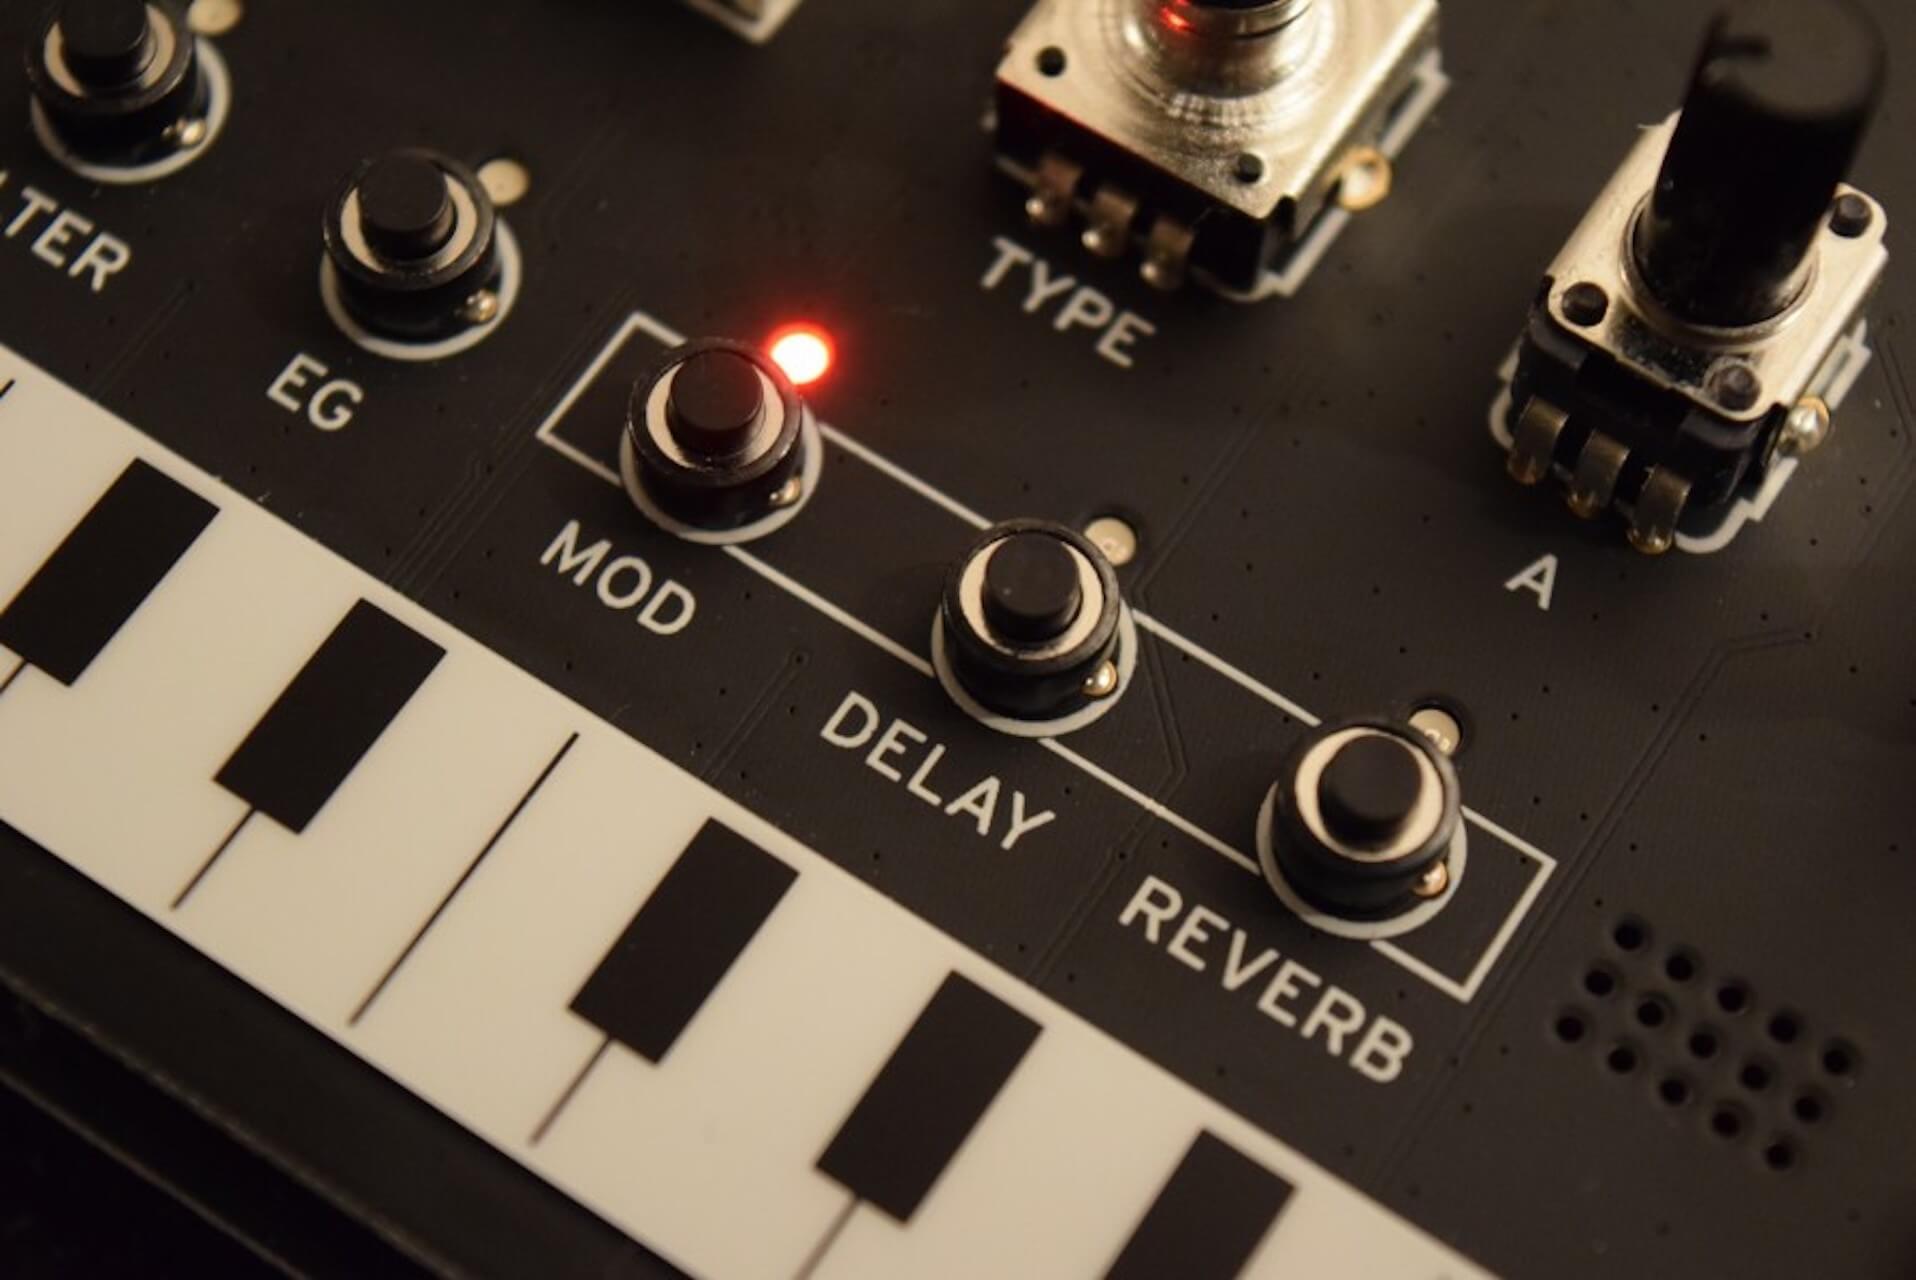 組み立て式DIYシンセ・キット、コルグ『Nu:Tekt NTS-1 Digital Kit』のサウンドと魅力 music200522_09